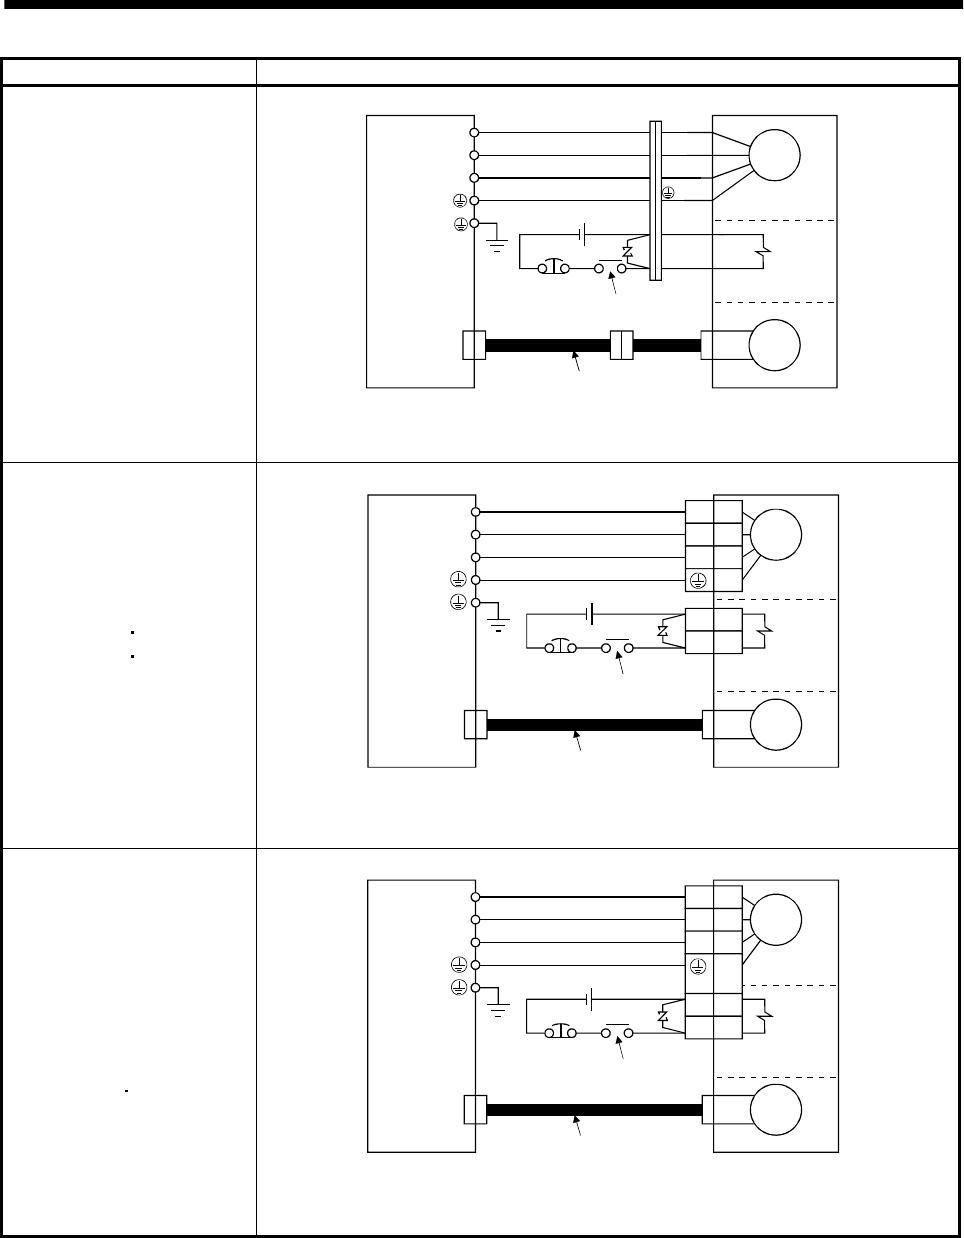 Mitsubishi Electronics Melservo Mr J2s A Users Manual